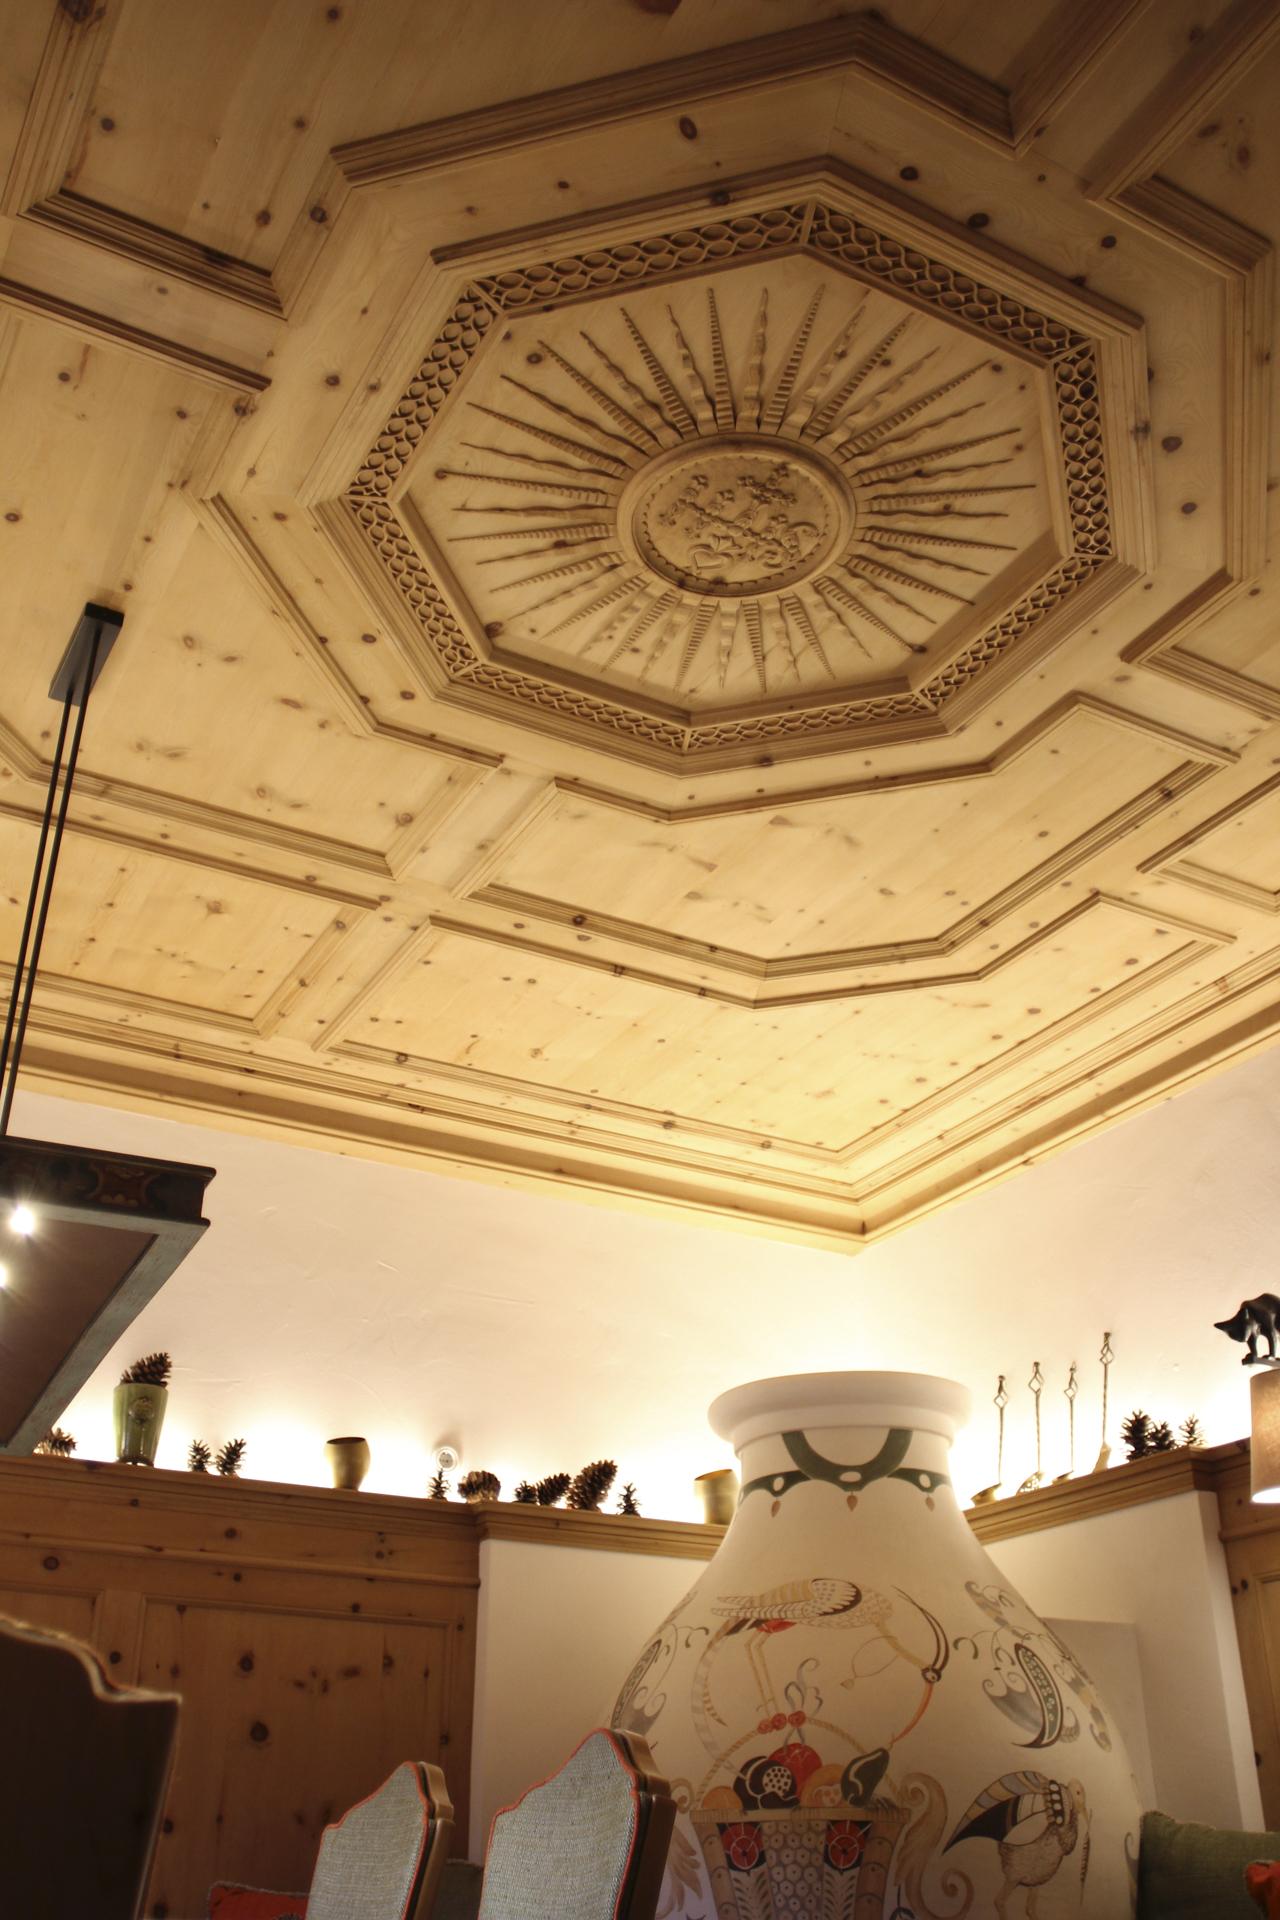 tischlerei-decker-landhaus-bayern-details-holzdecke